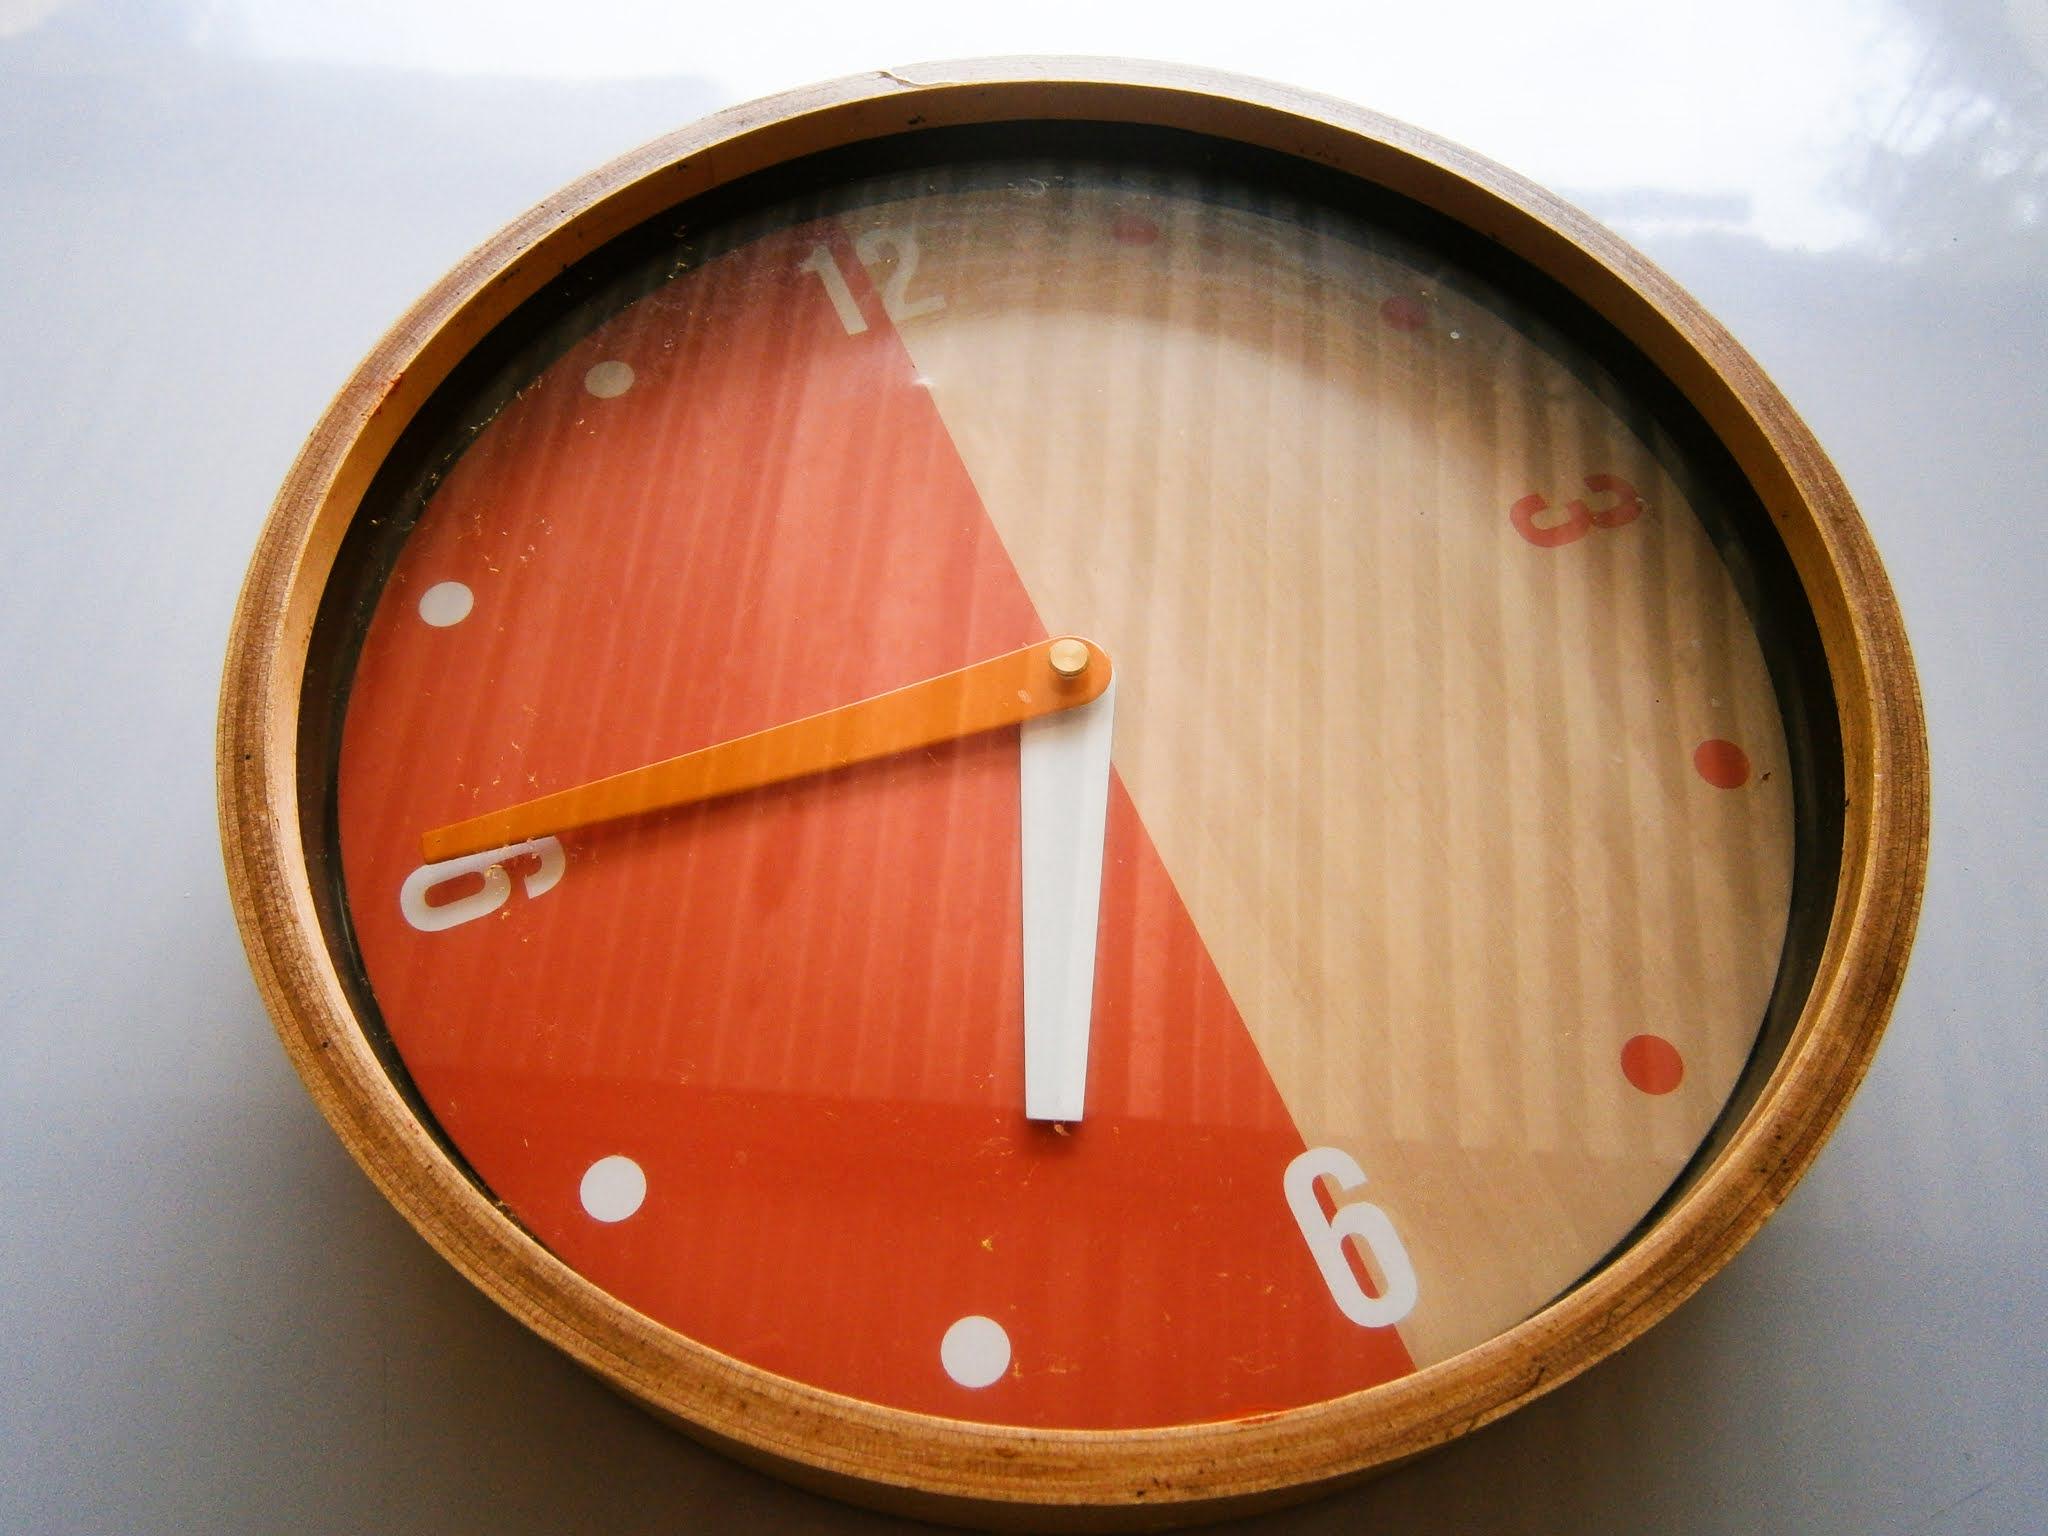 Reloj de madera puesto sobre un fondo de color blanco